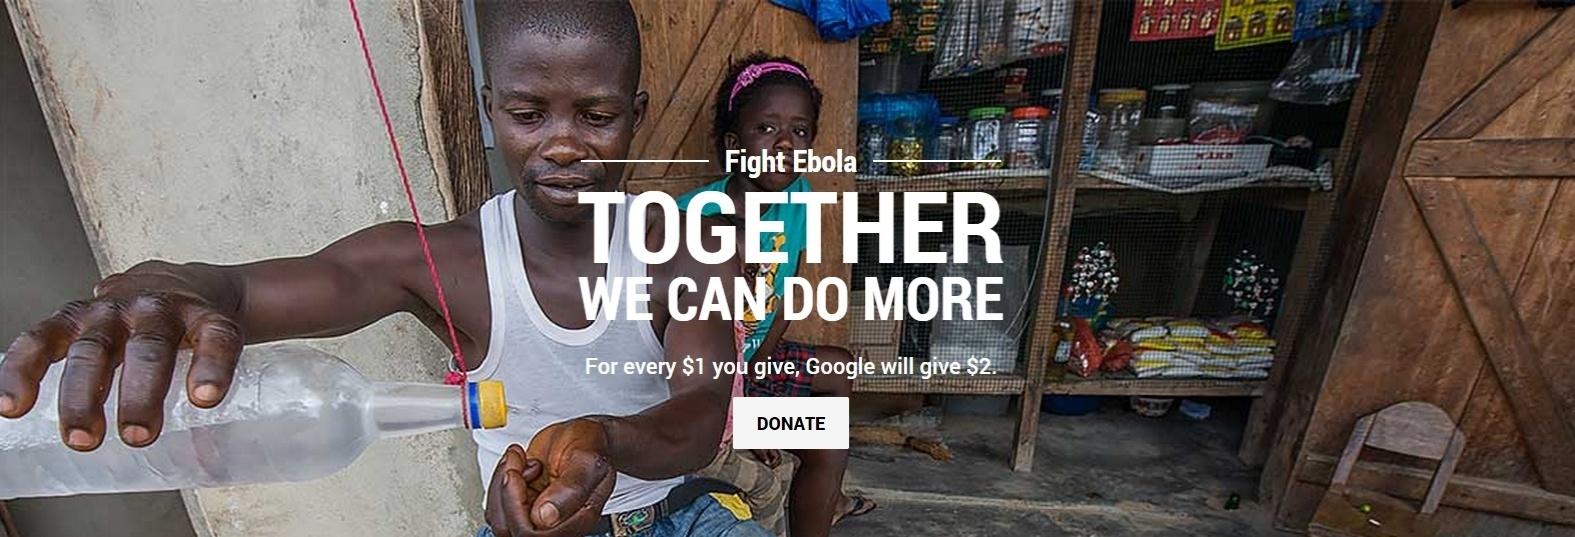 Google lança campanha de arrecadação para o ebola na África